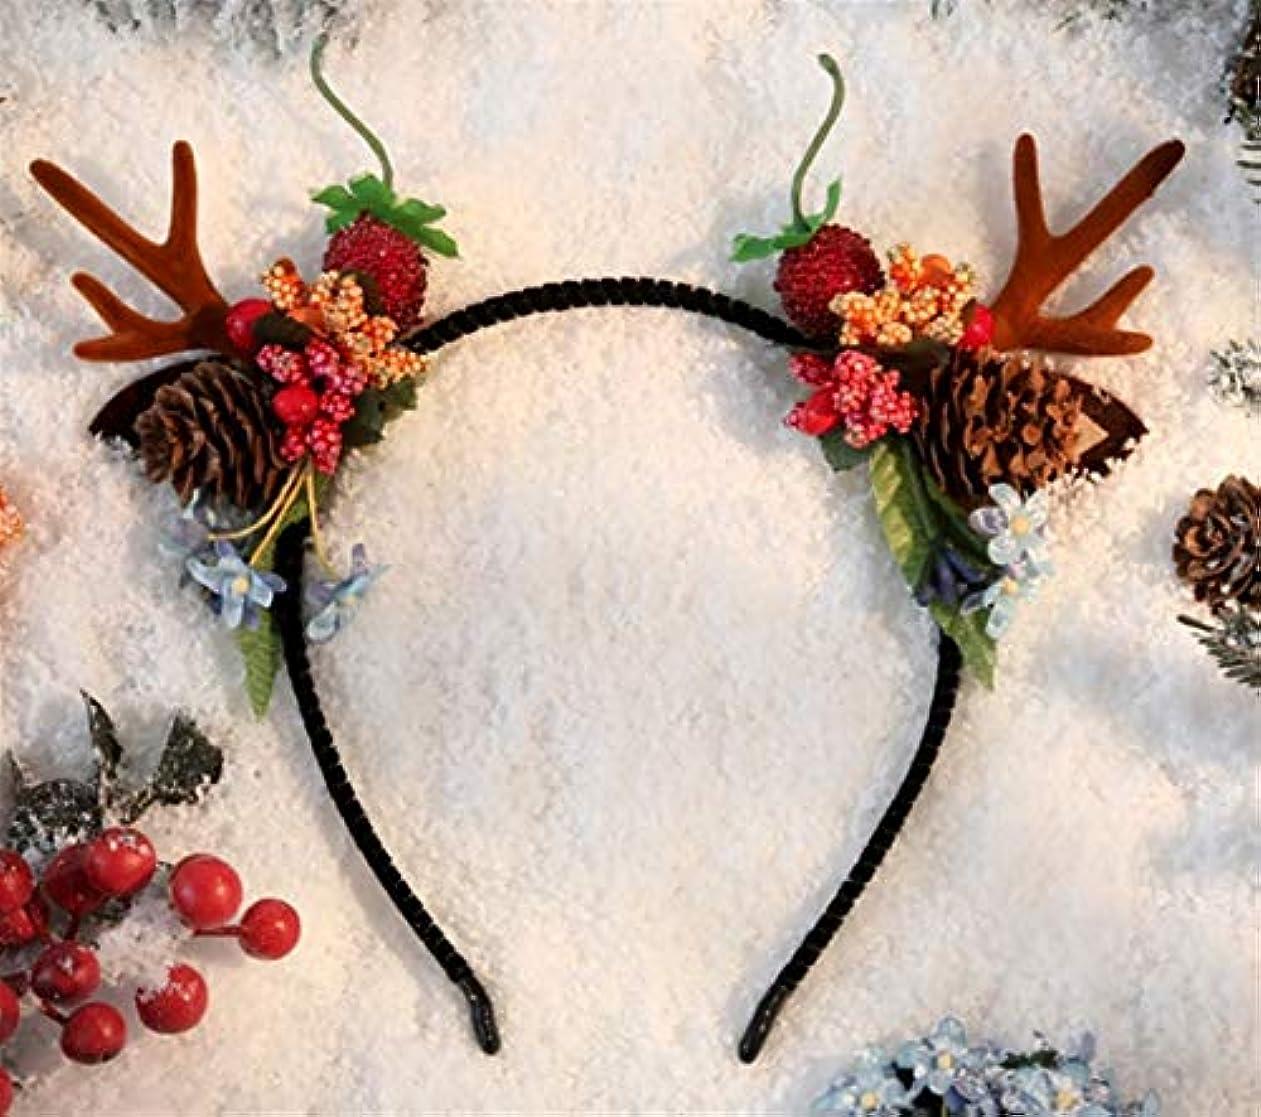 海洋の仲人知り合いになるクリスマスヘアピン装身具アントラーズ頭飾りセンエルフスーパー妖精のヘッドバンドクリップヘアアクセサリー大人のヘアピンヘッドバンド (Style : E)